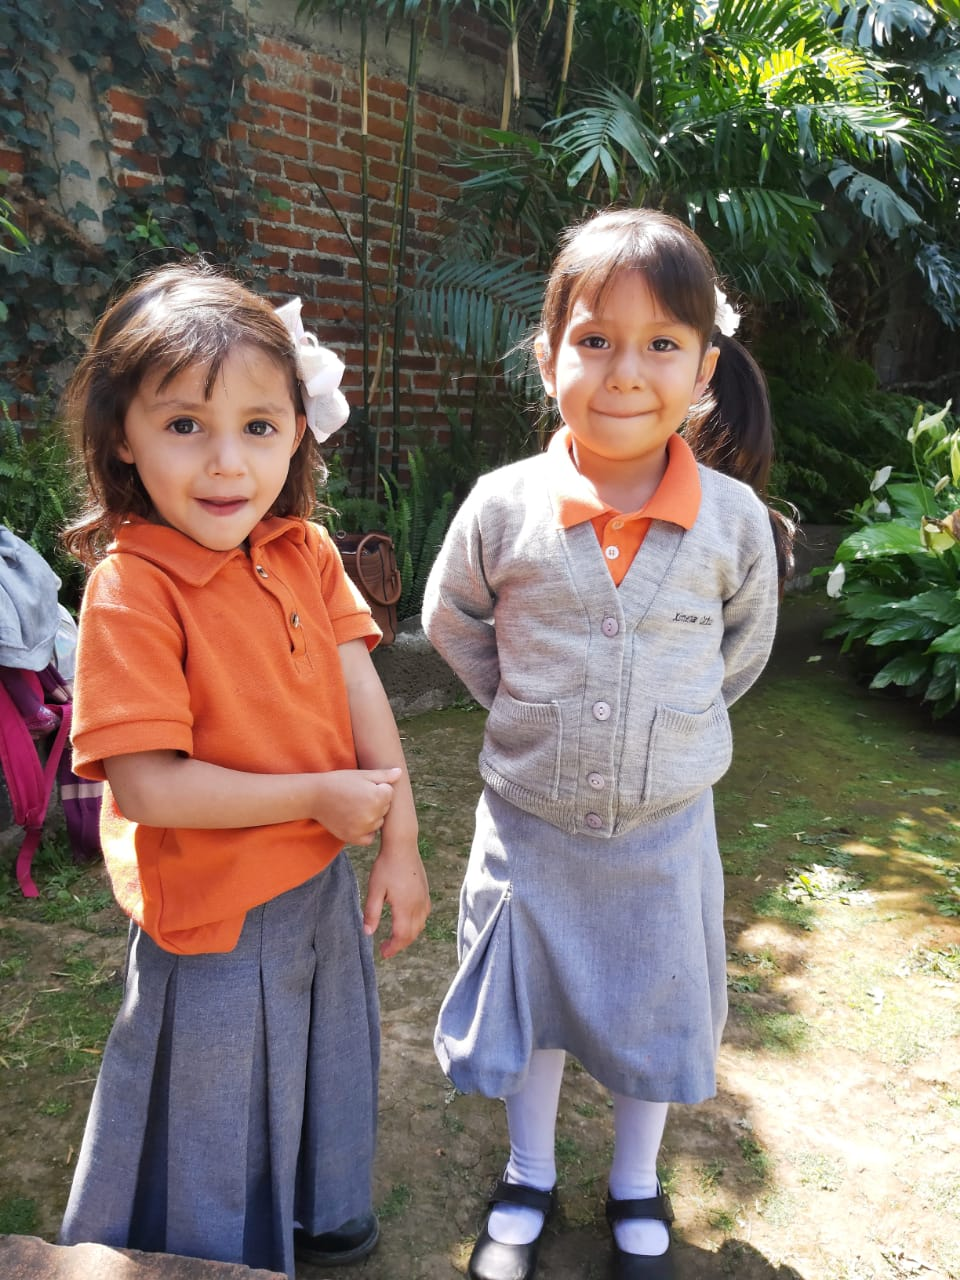 taki mundo hilfsprojekt kinder spenden unterricht zwei Kinder